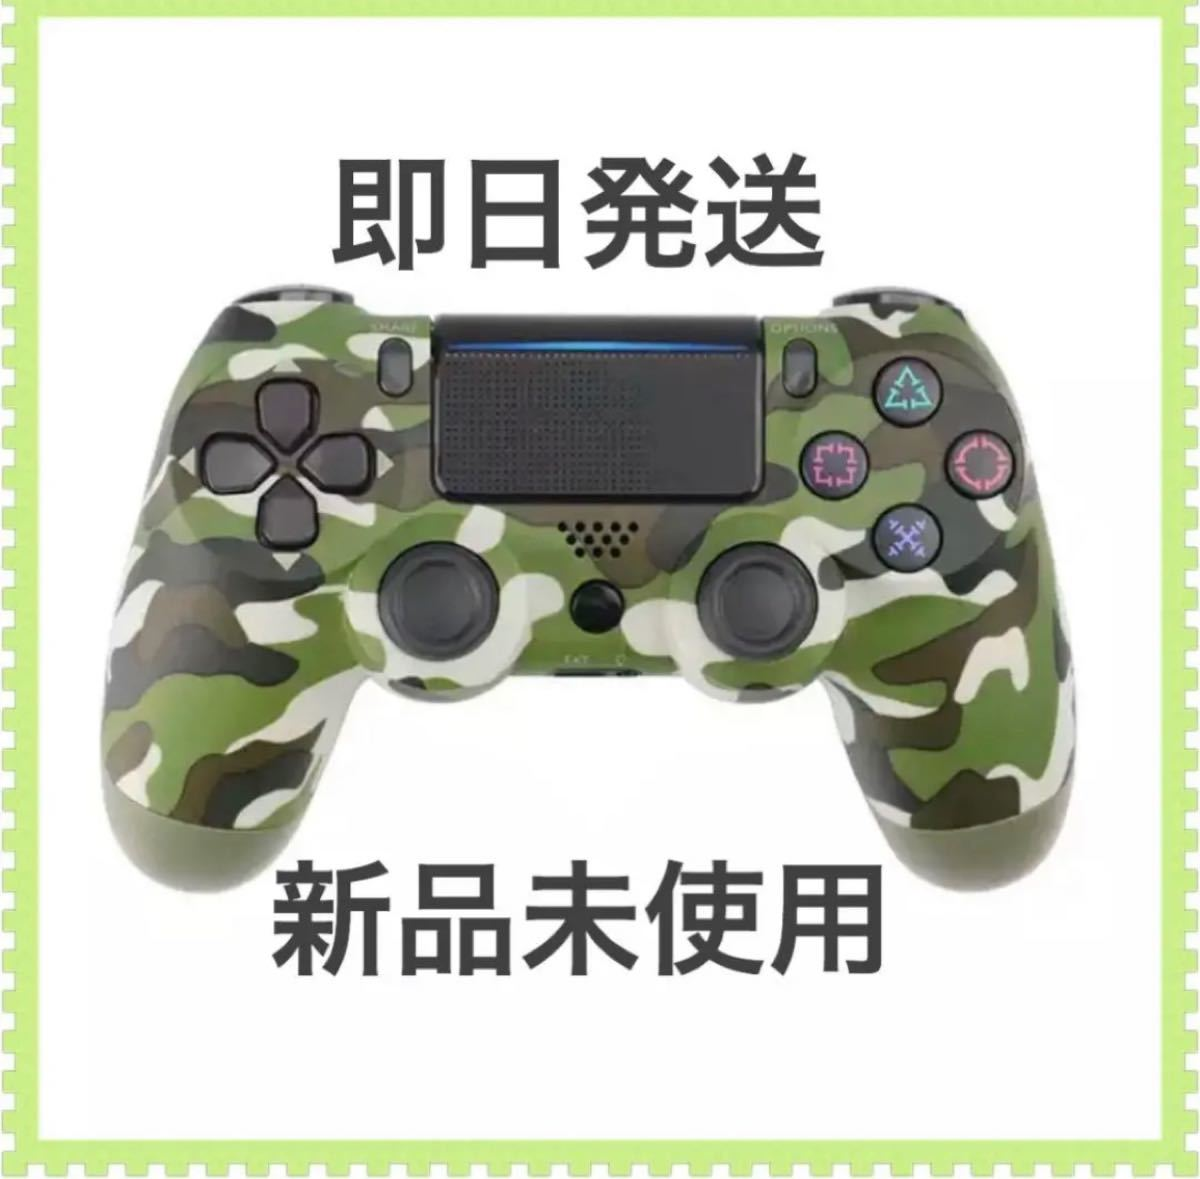 コントローラー ワイヤレスコントローラー PS4 PS3 デュアルショック3 DUALSHOCK3 SONY